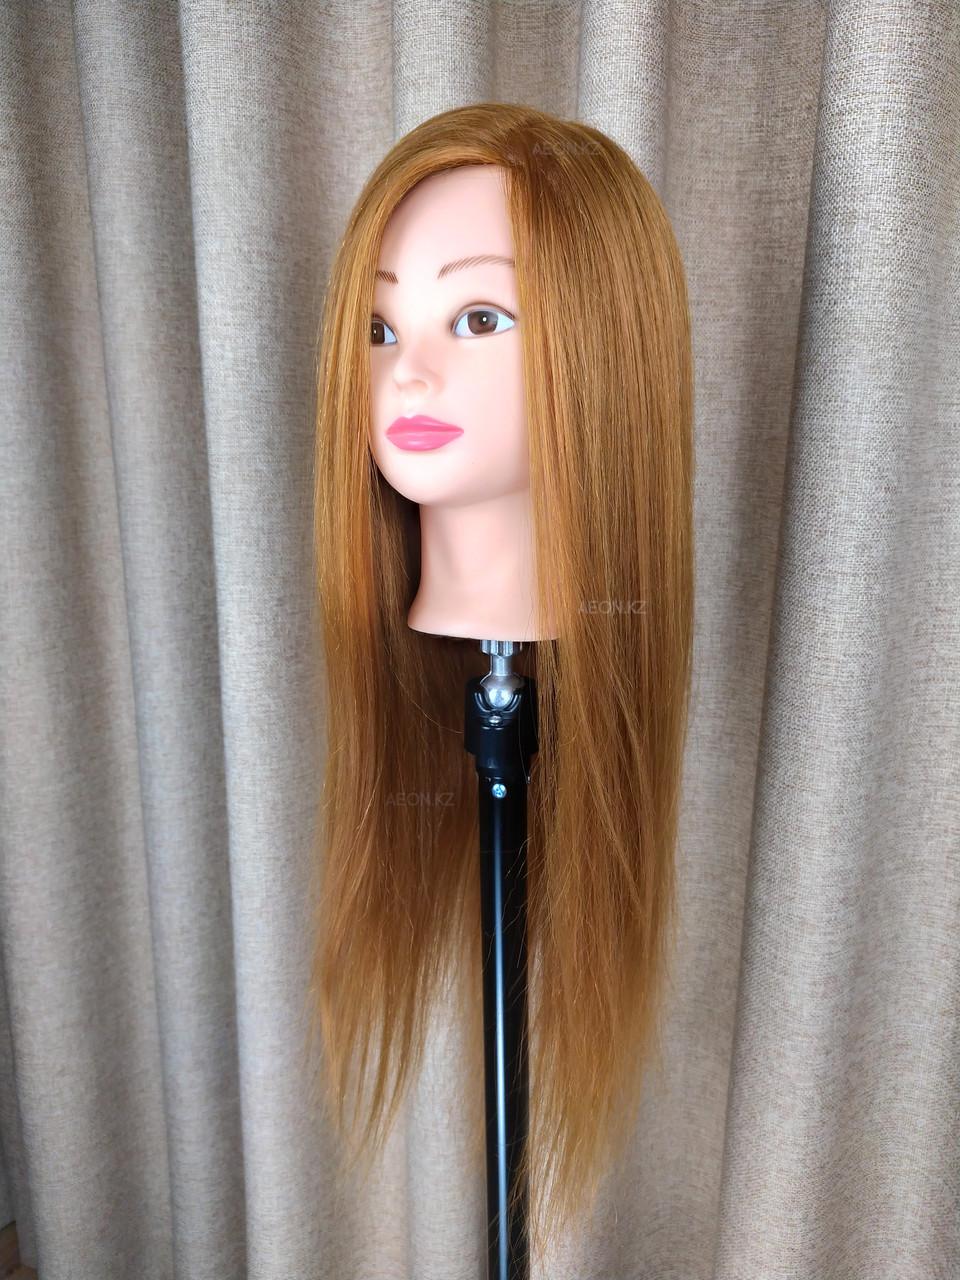 Голова-манекен русый волос натуральный (60%) - 60 см